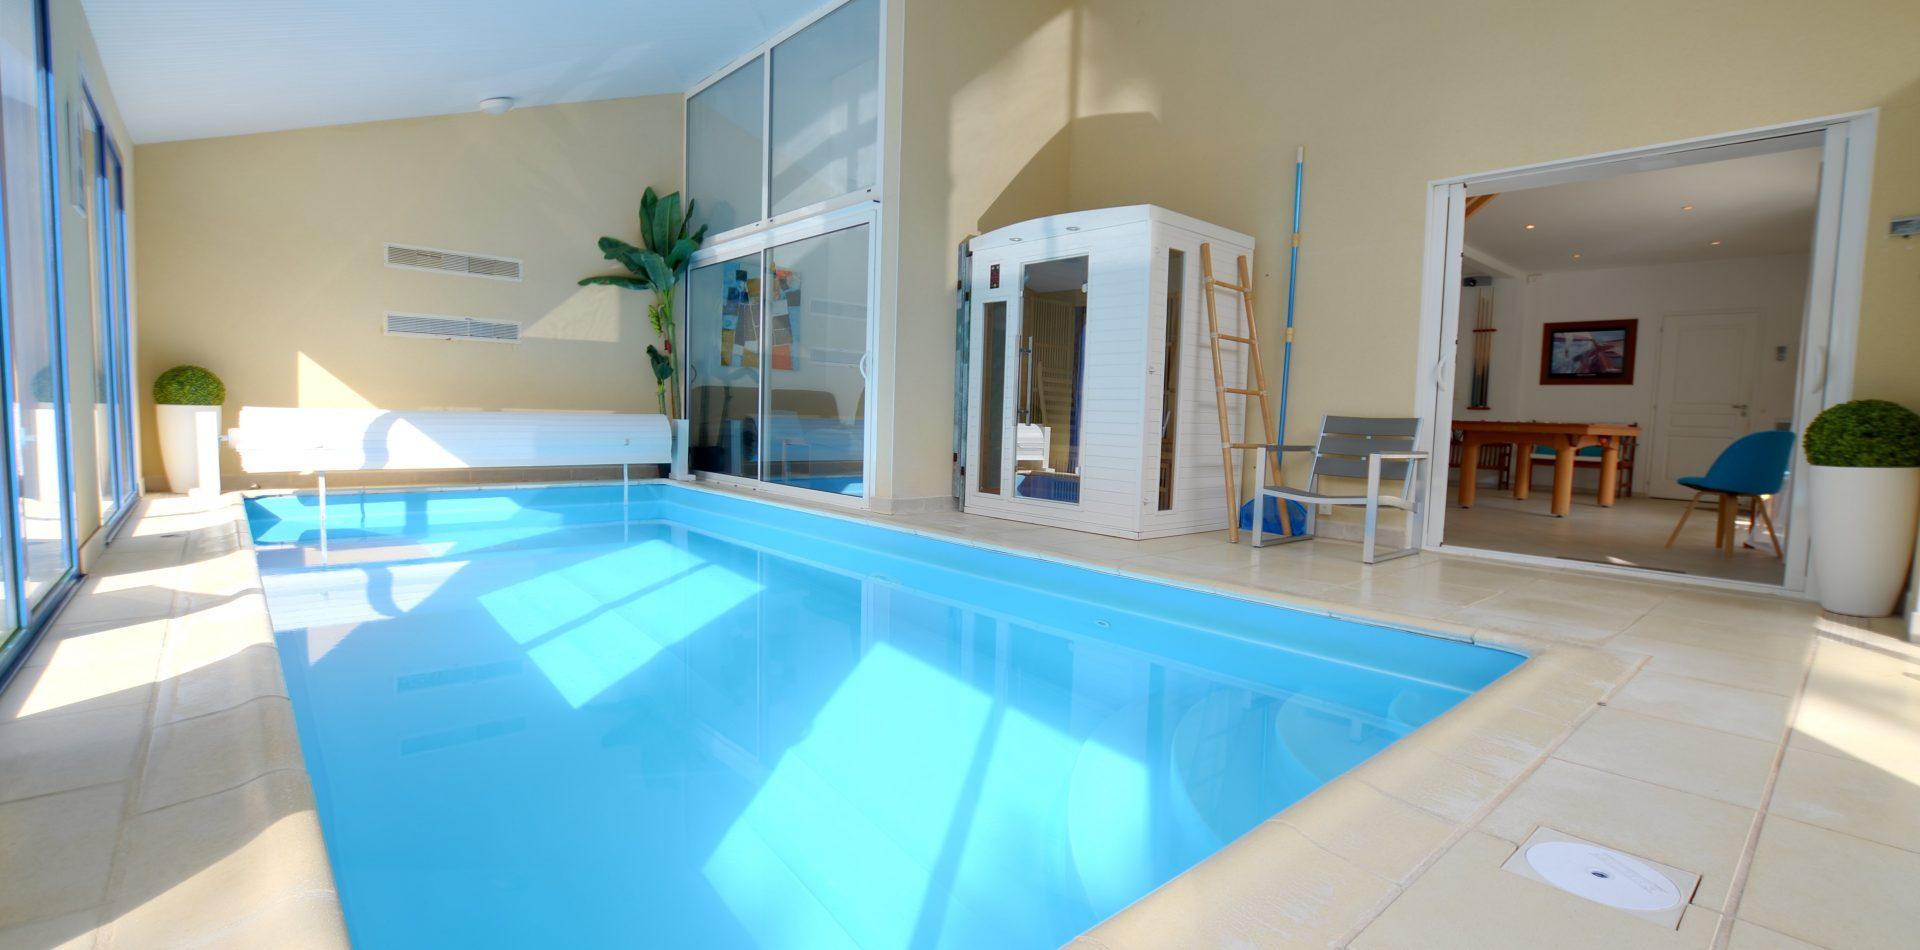 Piscine de la Villa Eden Gite de Luxe avec piscine intérieure en Vendée